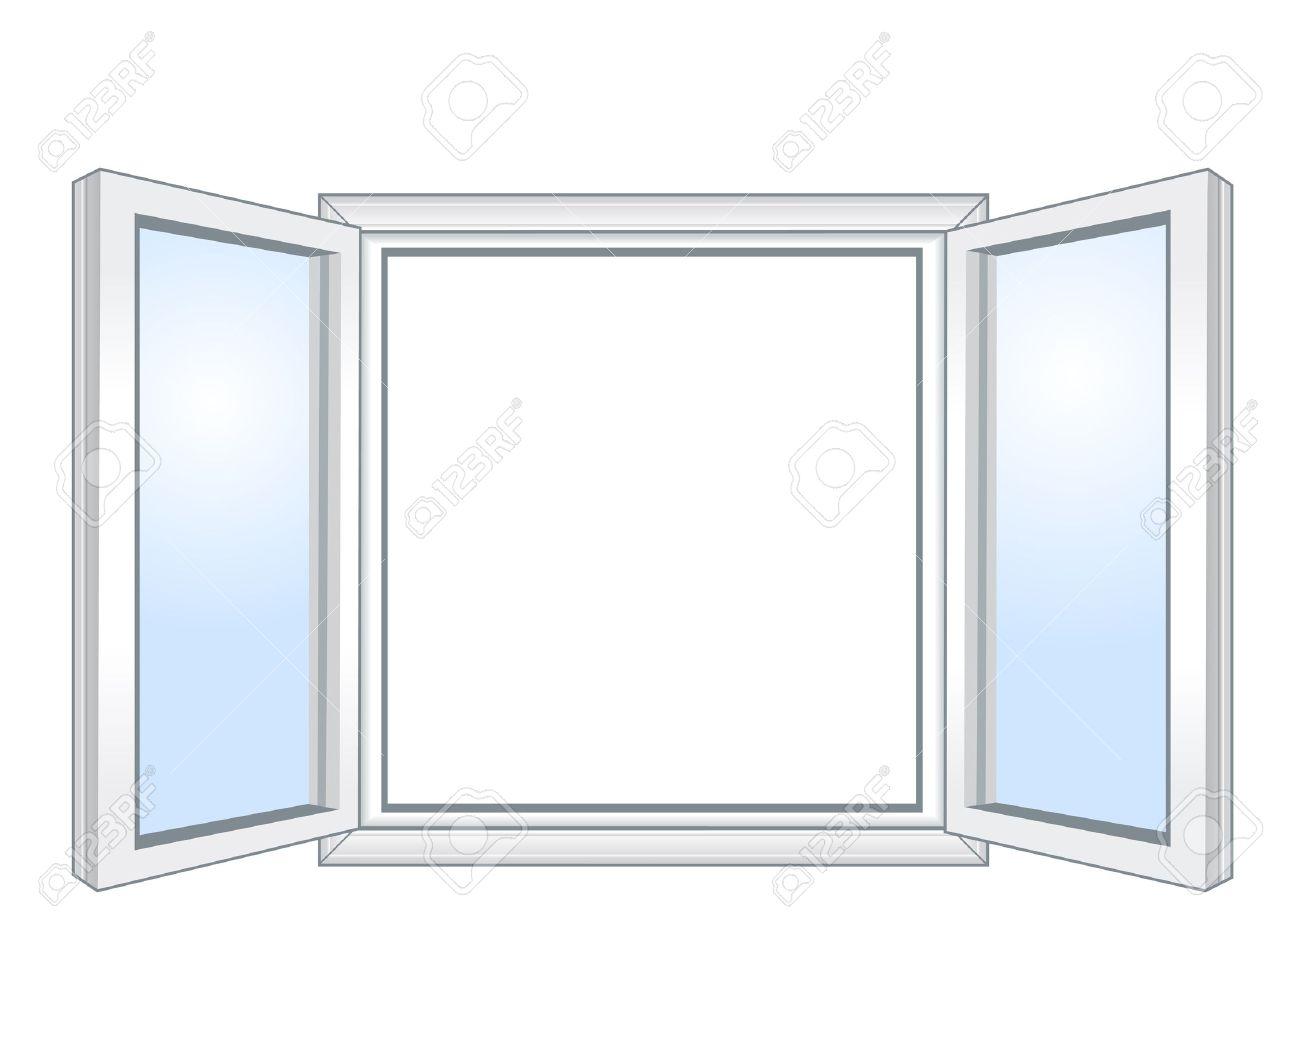 Open Window Frame